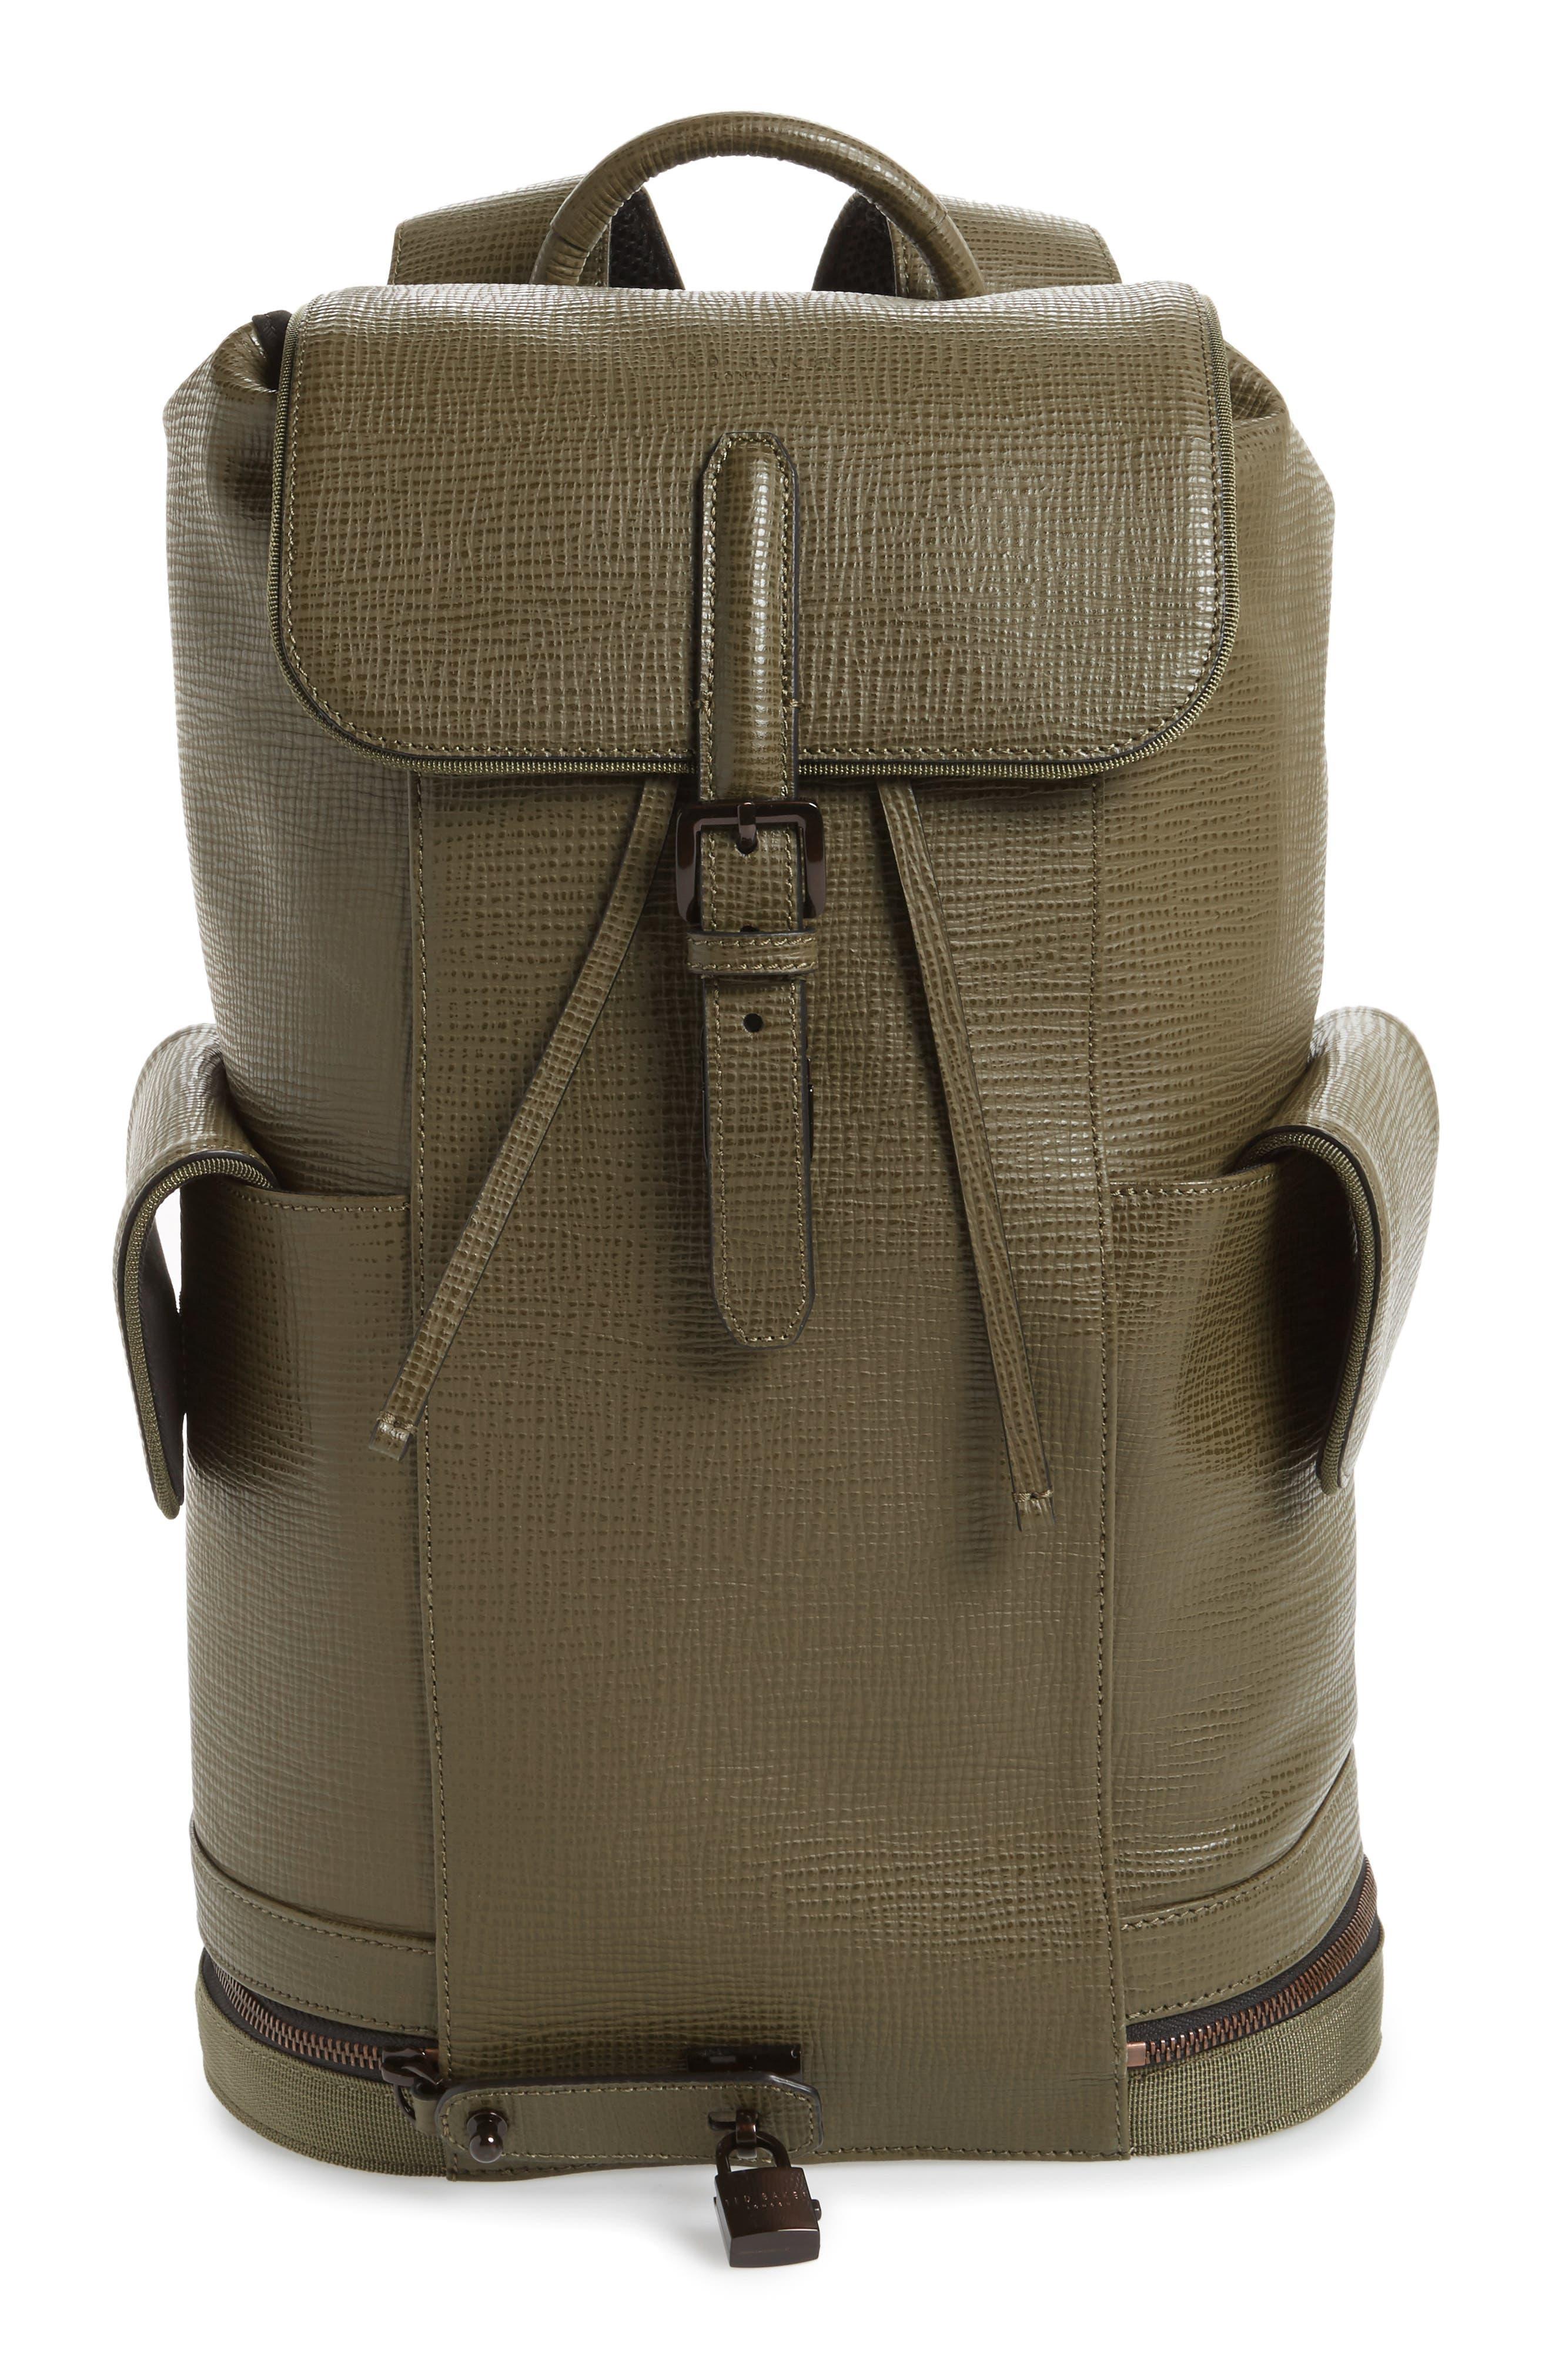 Ted Baker London Thorr Palmelato Backpack